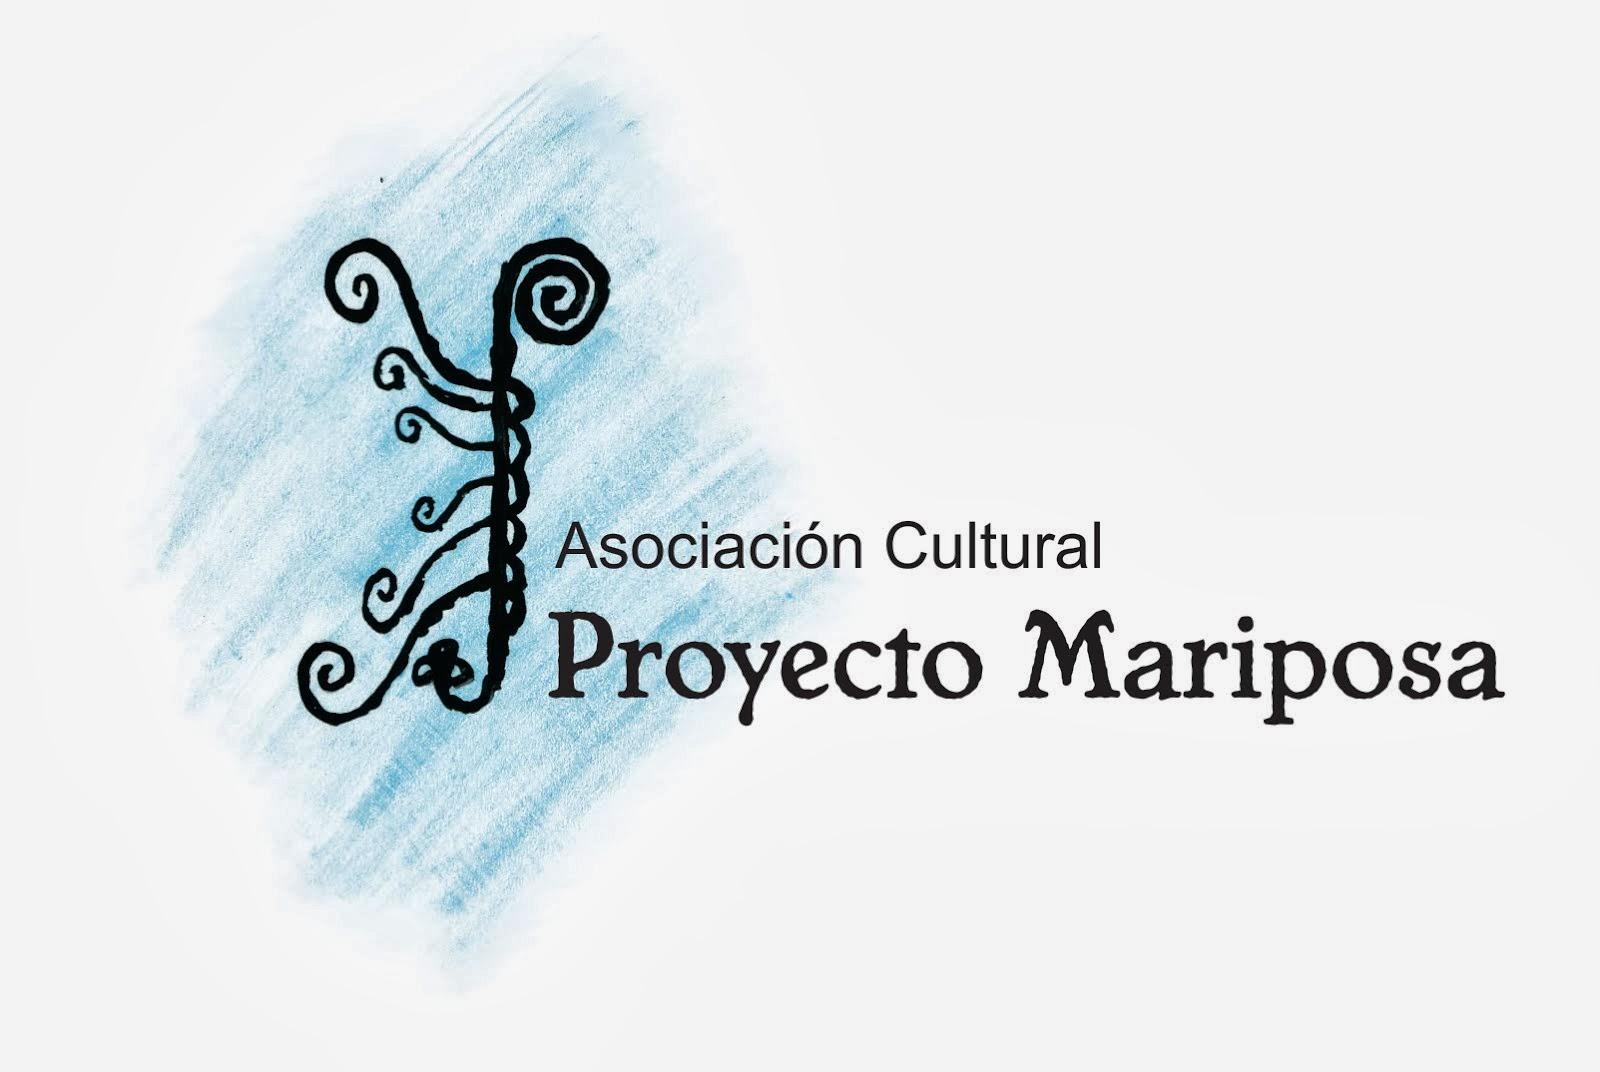 Asociación Cultural Proyecto Mariposa